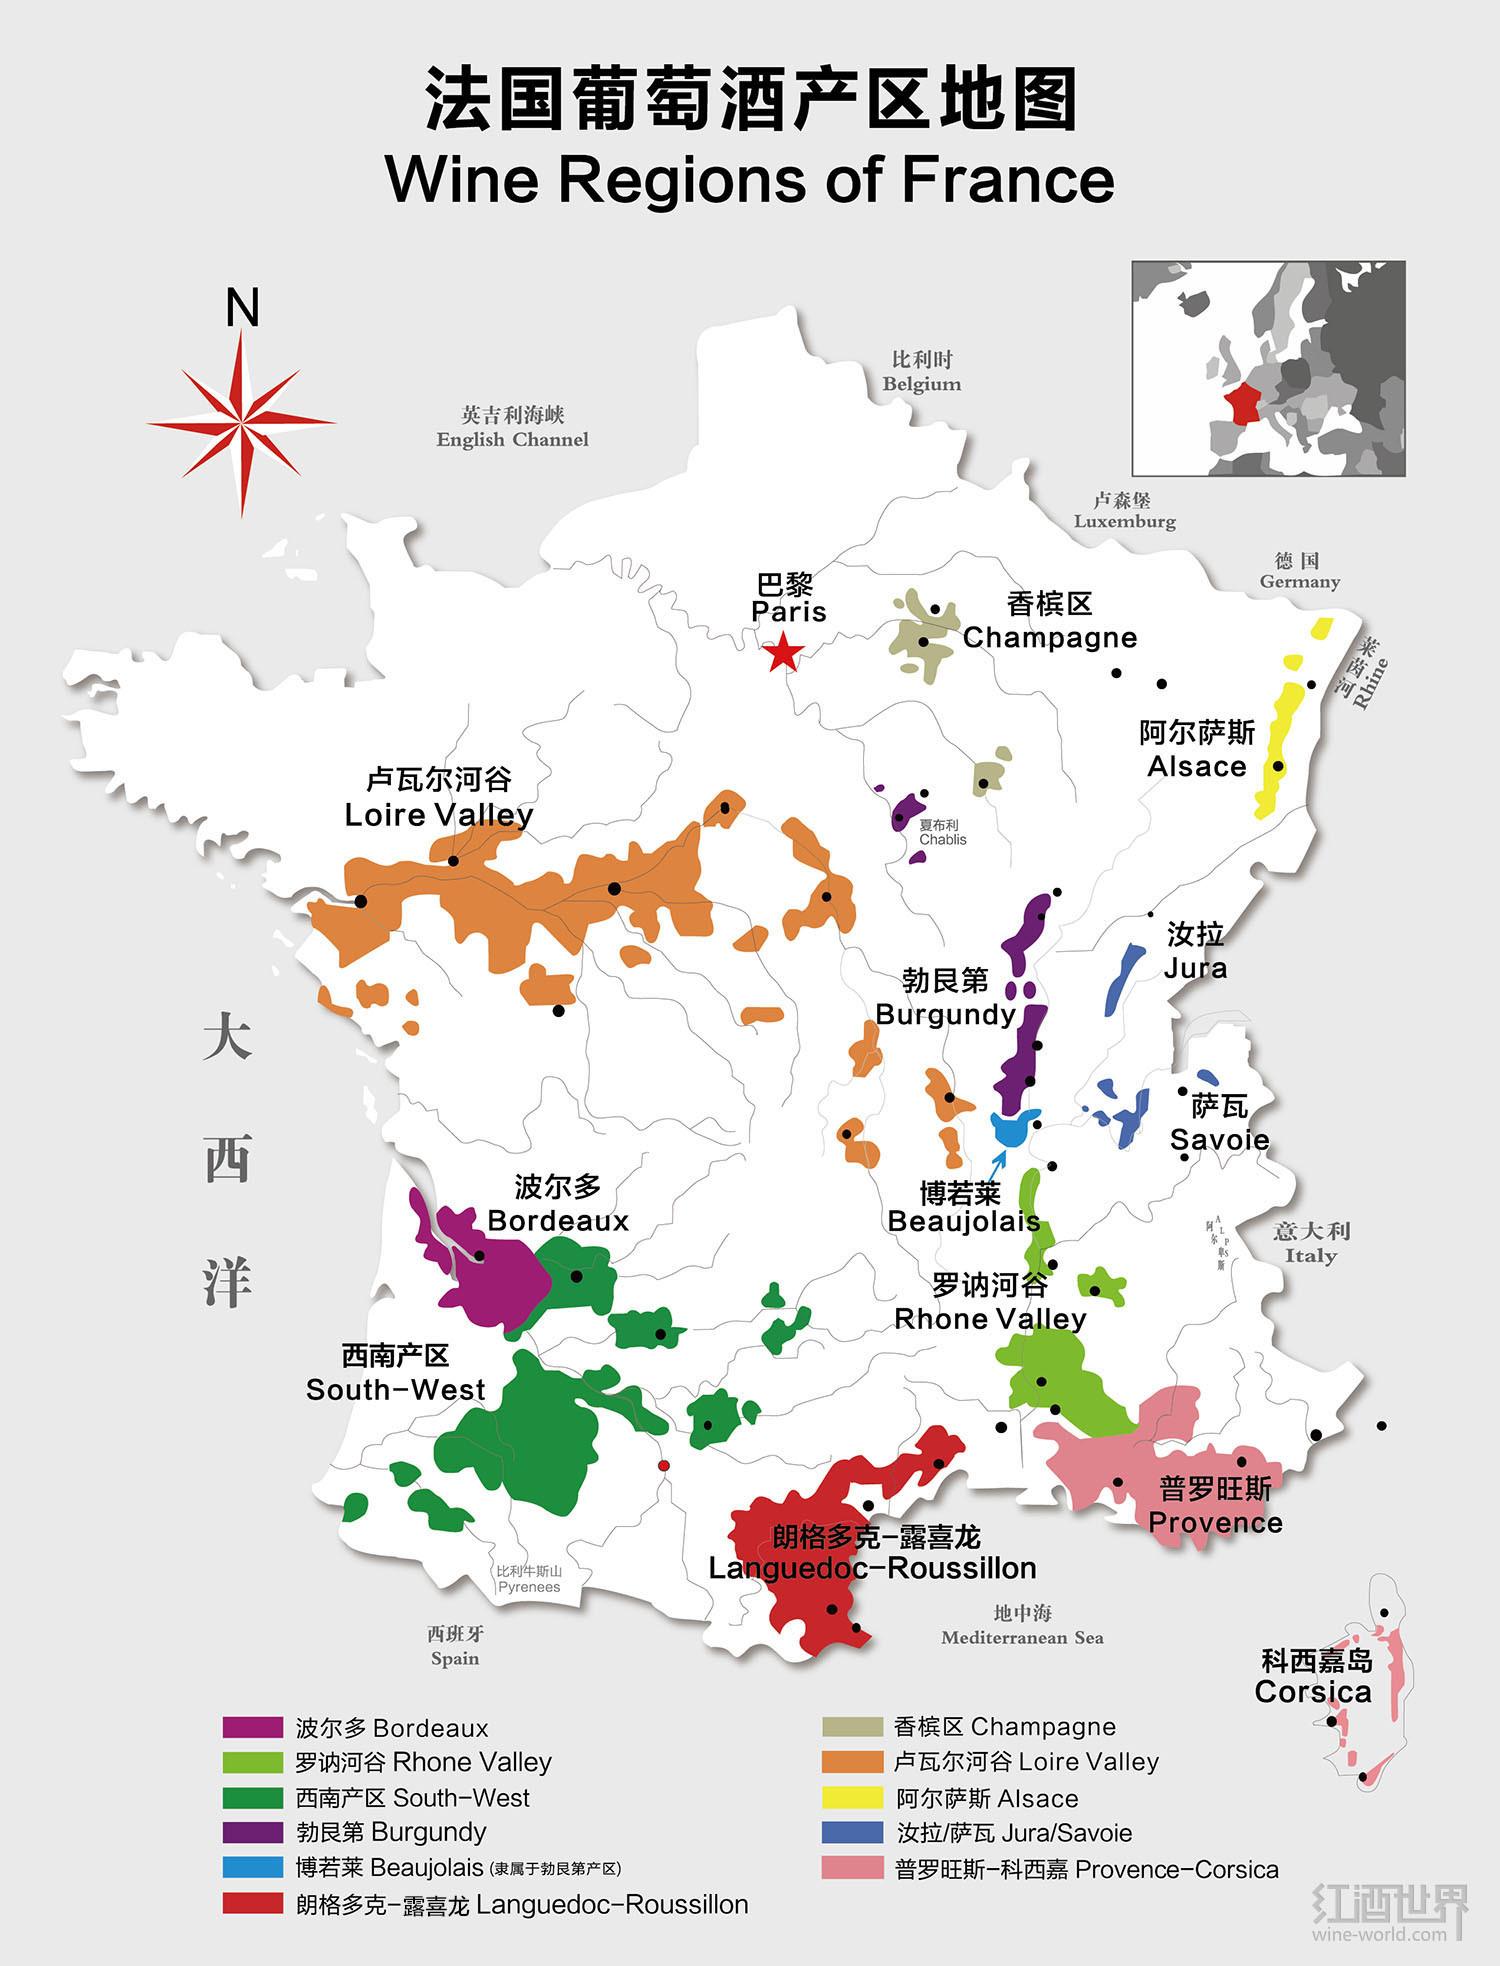 法国十大葡萄酒产区地图 - 地图汇社区 - 看地图,知